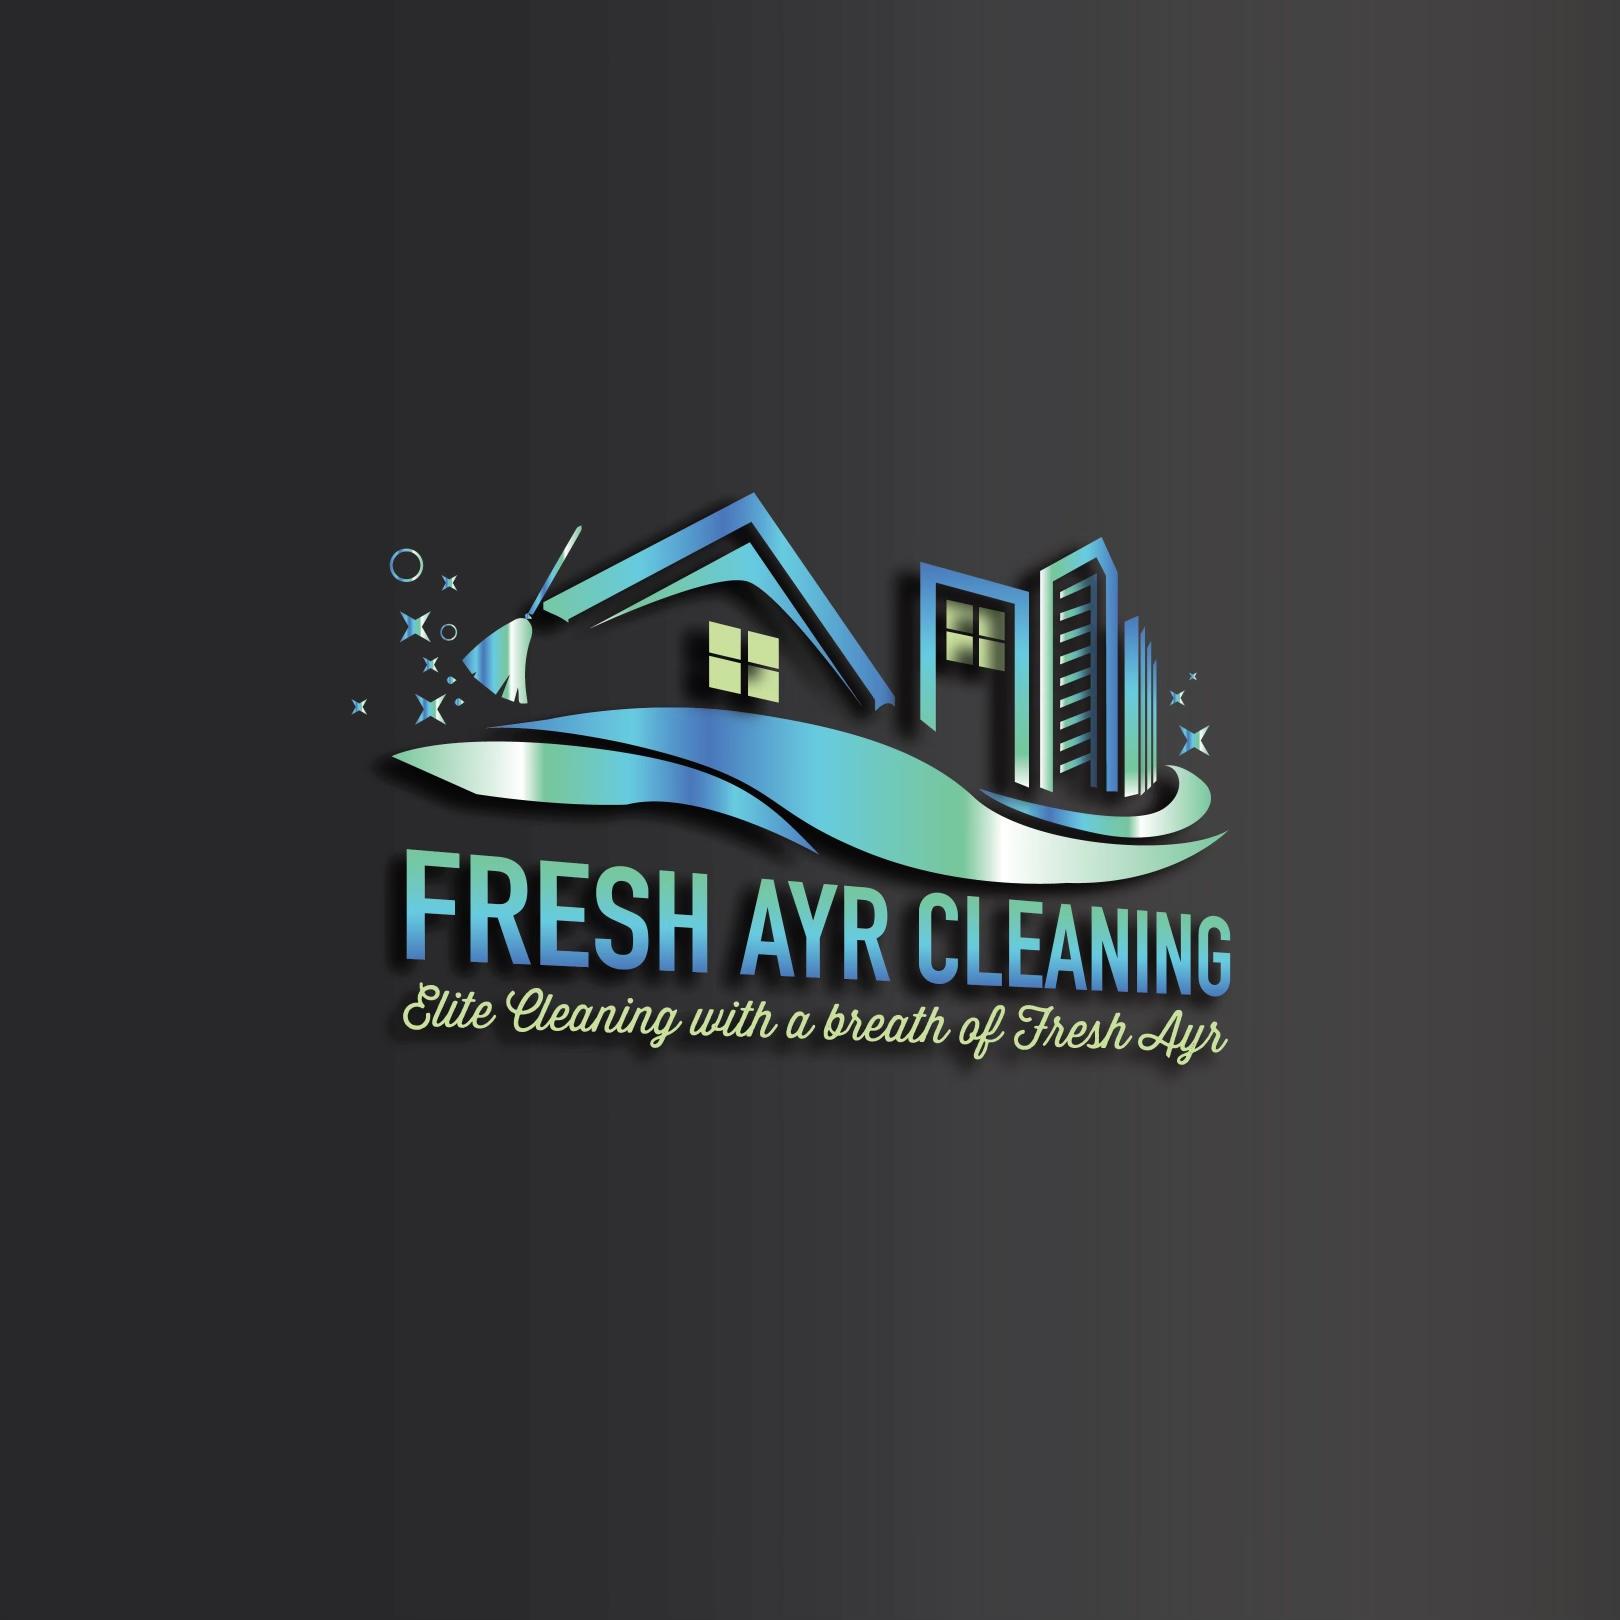 Fresh Ayr Cleaning LLC